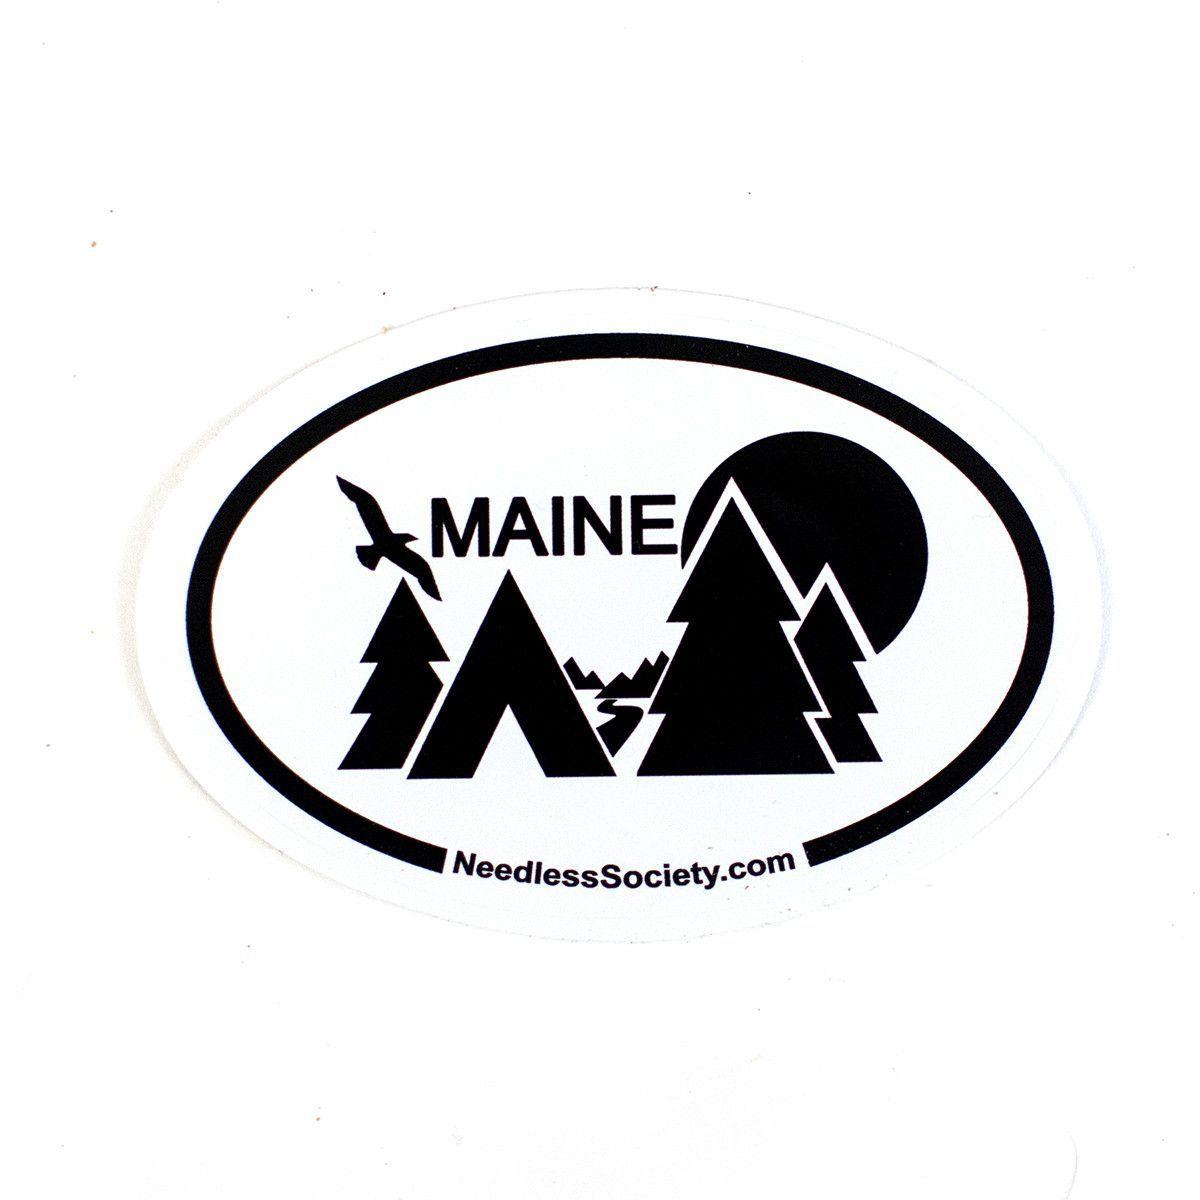 Maine Bumper Sticker Bumper Stickers Bumpers Stickers [ 1200 x 1200 Pixel ]